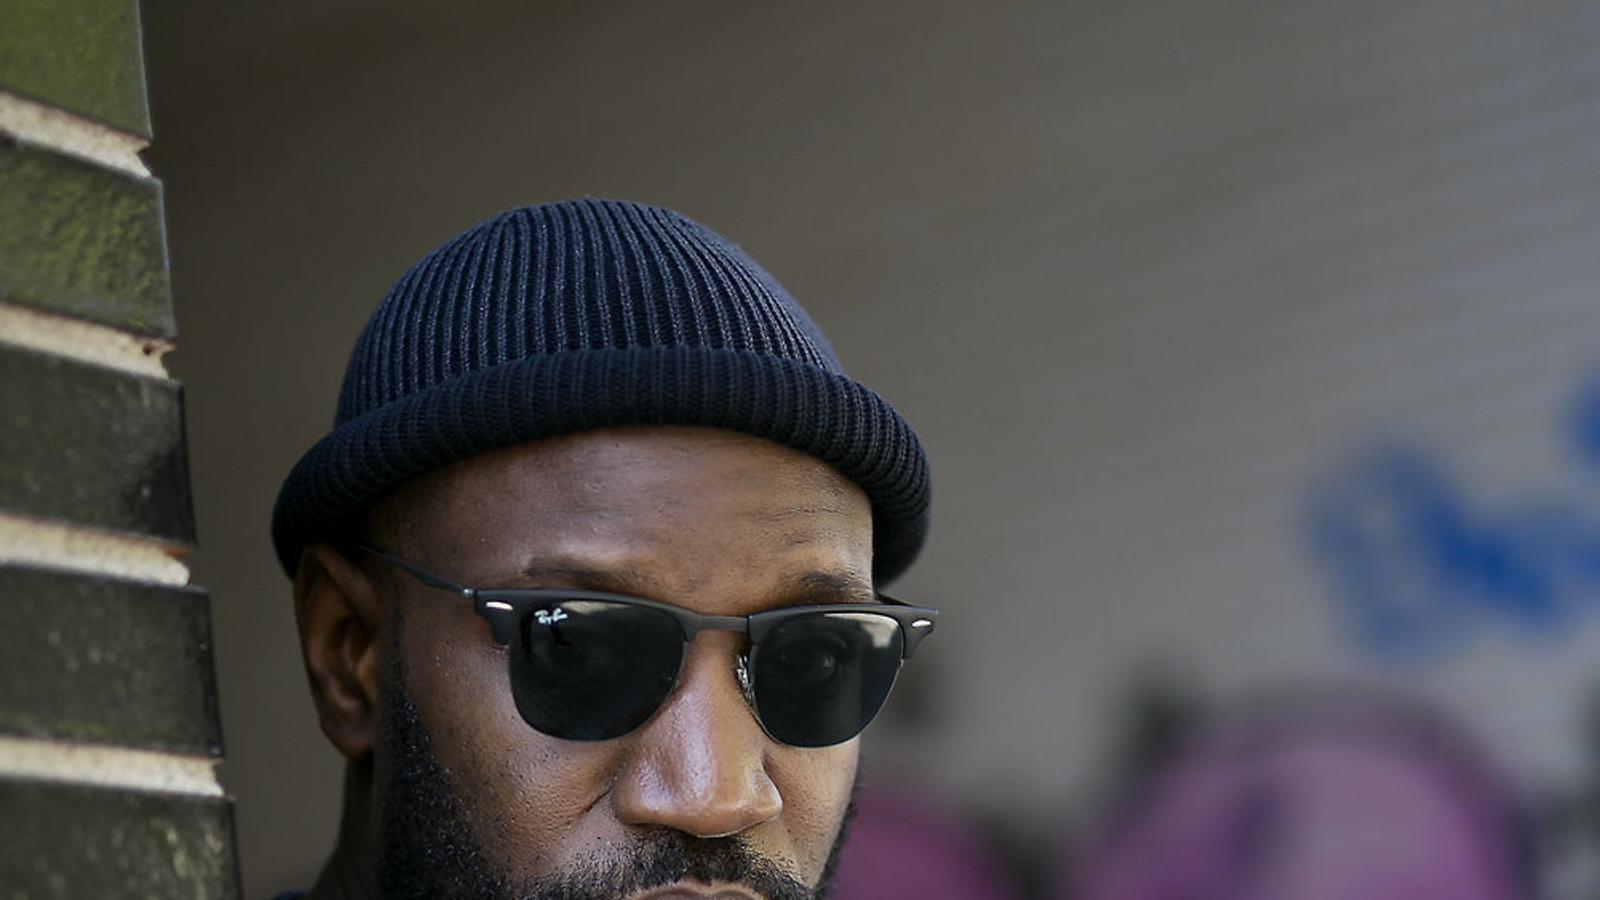 Abd Al Malik ha presentat la seva pel·lícula Que Al·là beneeixi França, basada en la seva novel·la autobiogràfica.